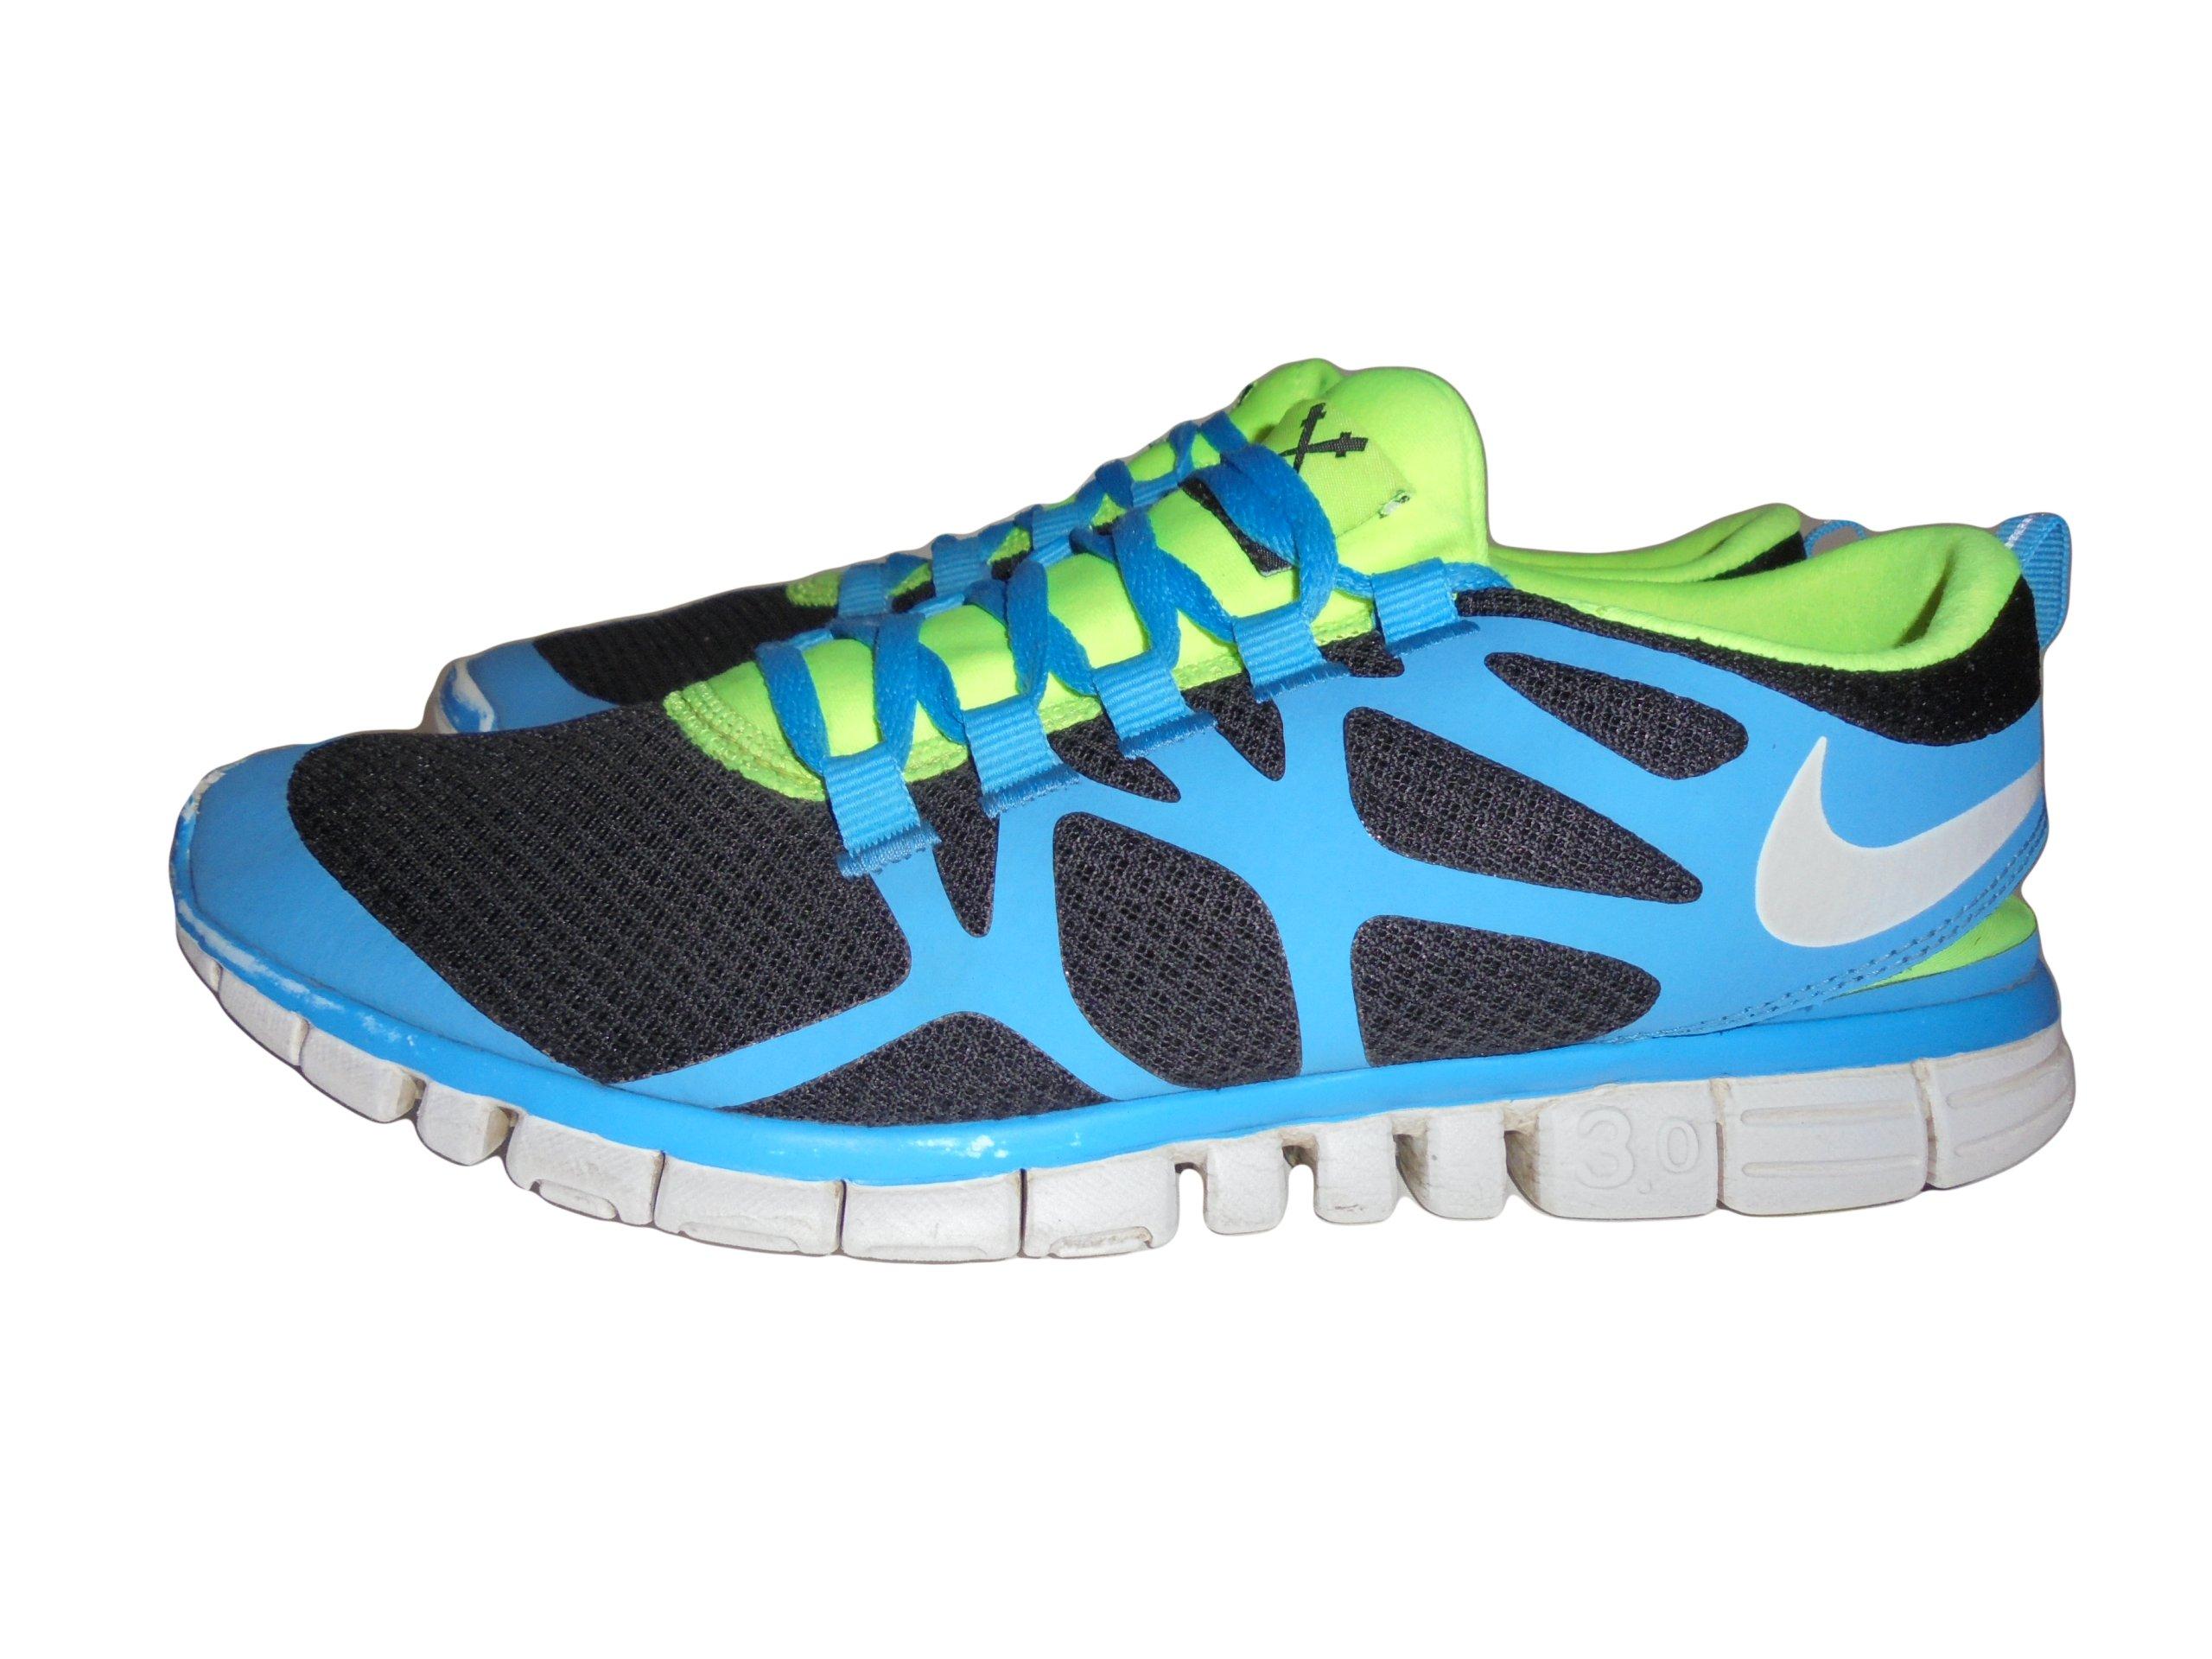 brand new a594b 2ee27 Buty firmy Nike Free 3,0 V3. Rozmiar 45,5. - 7296109927 - oficjalne  archiwum allegro